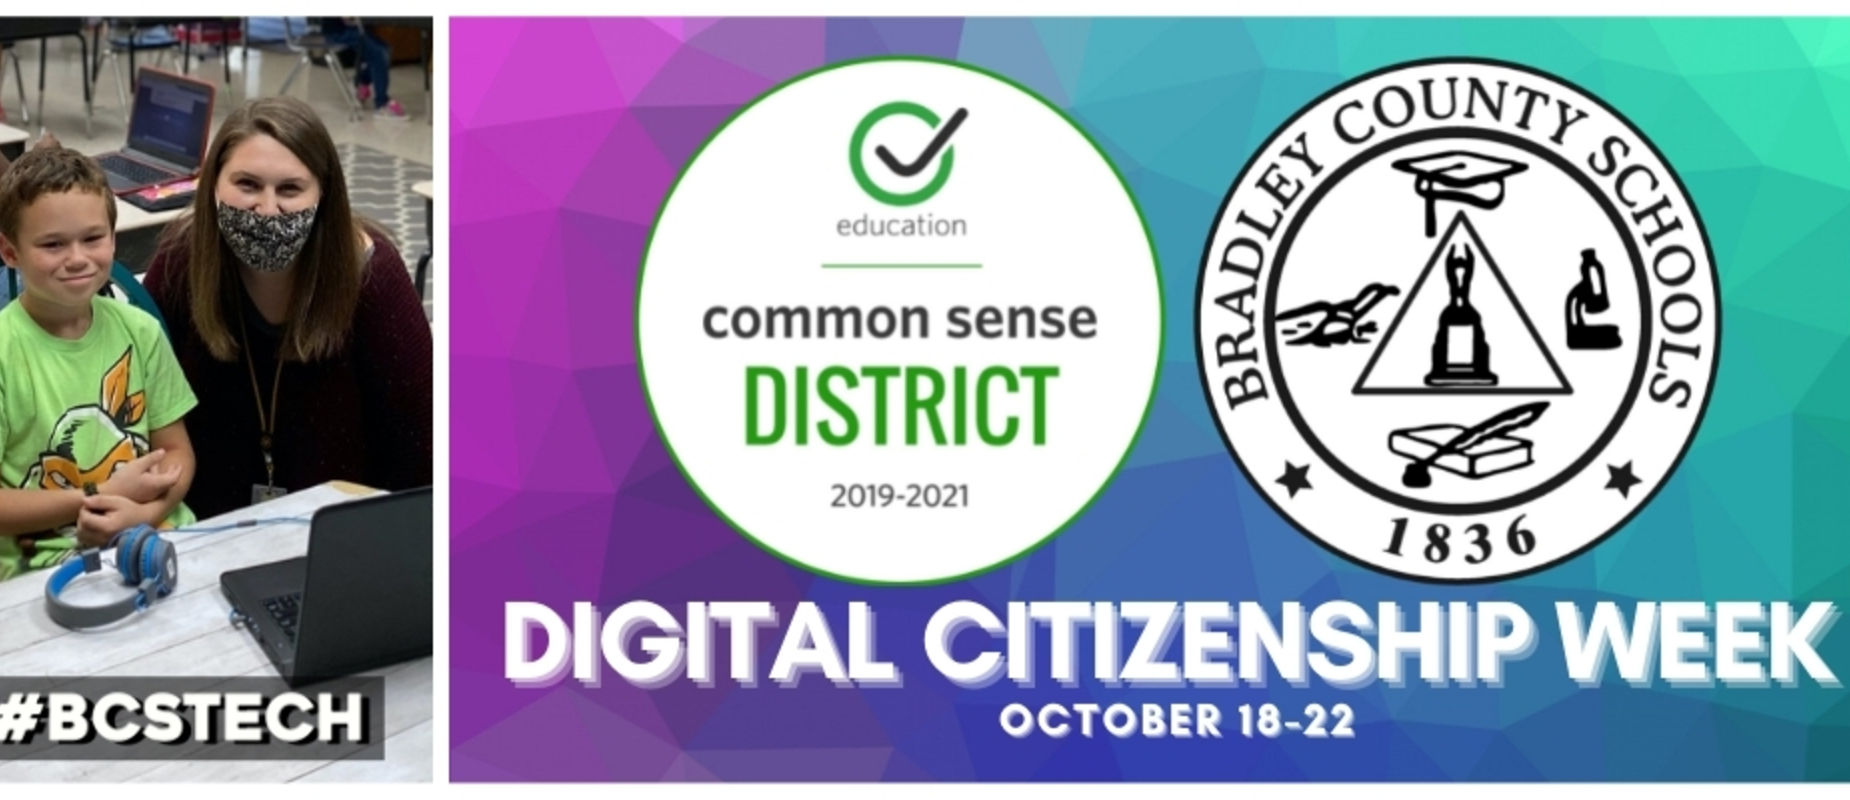 BCS Digital Citizenship Week Oct 18-22